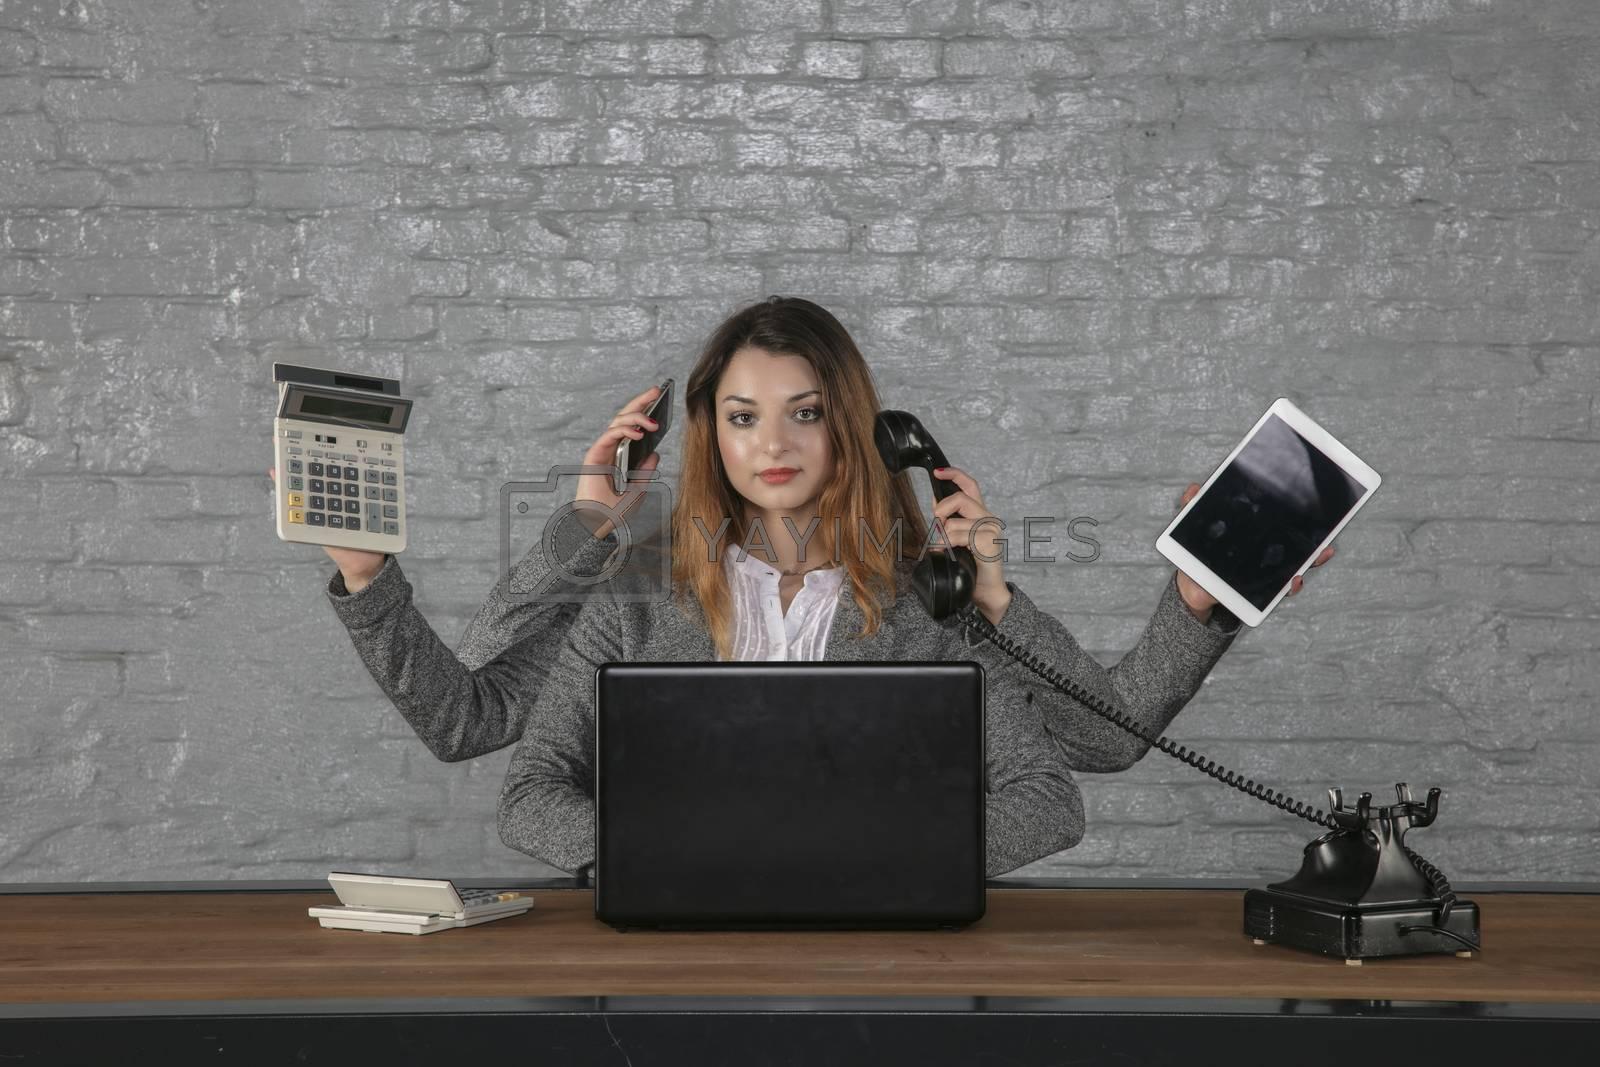 Multitasking business woman sitting at desk